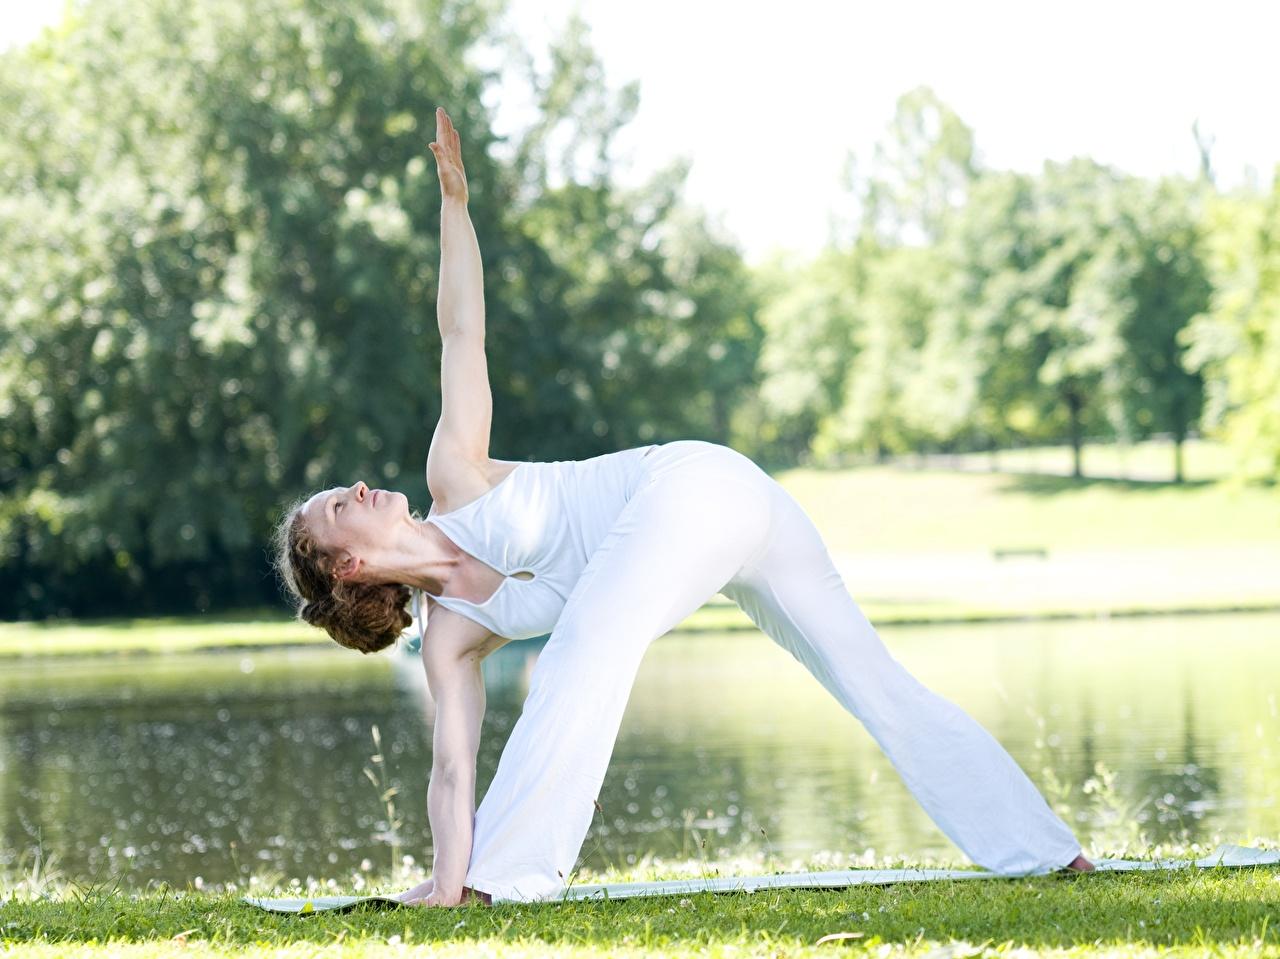 Bilder von Braunhaarige Joga Trainieren Pose Fitness junge frau Bein Gras Hand Braune Haare Yoga Körperliche Aktivität posiert Mädchens junge Frauen